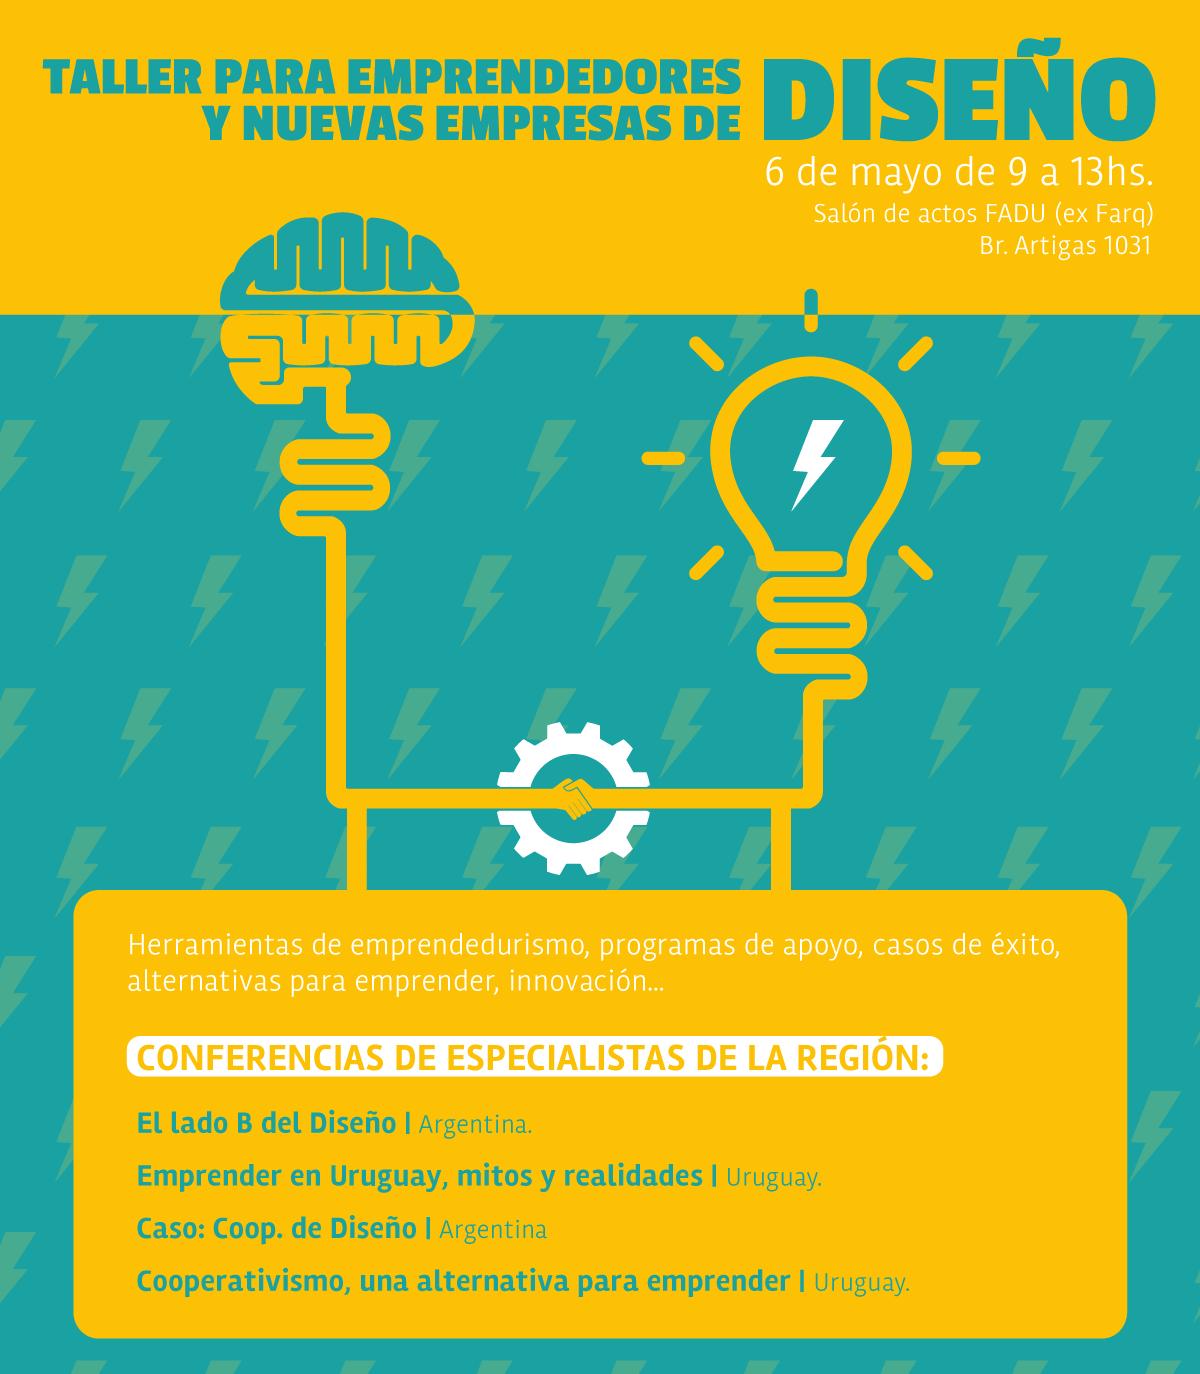 Taller para emprendedores y nuevas empresas de Diseño